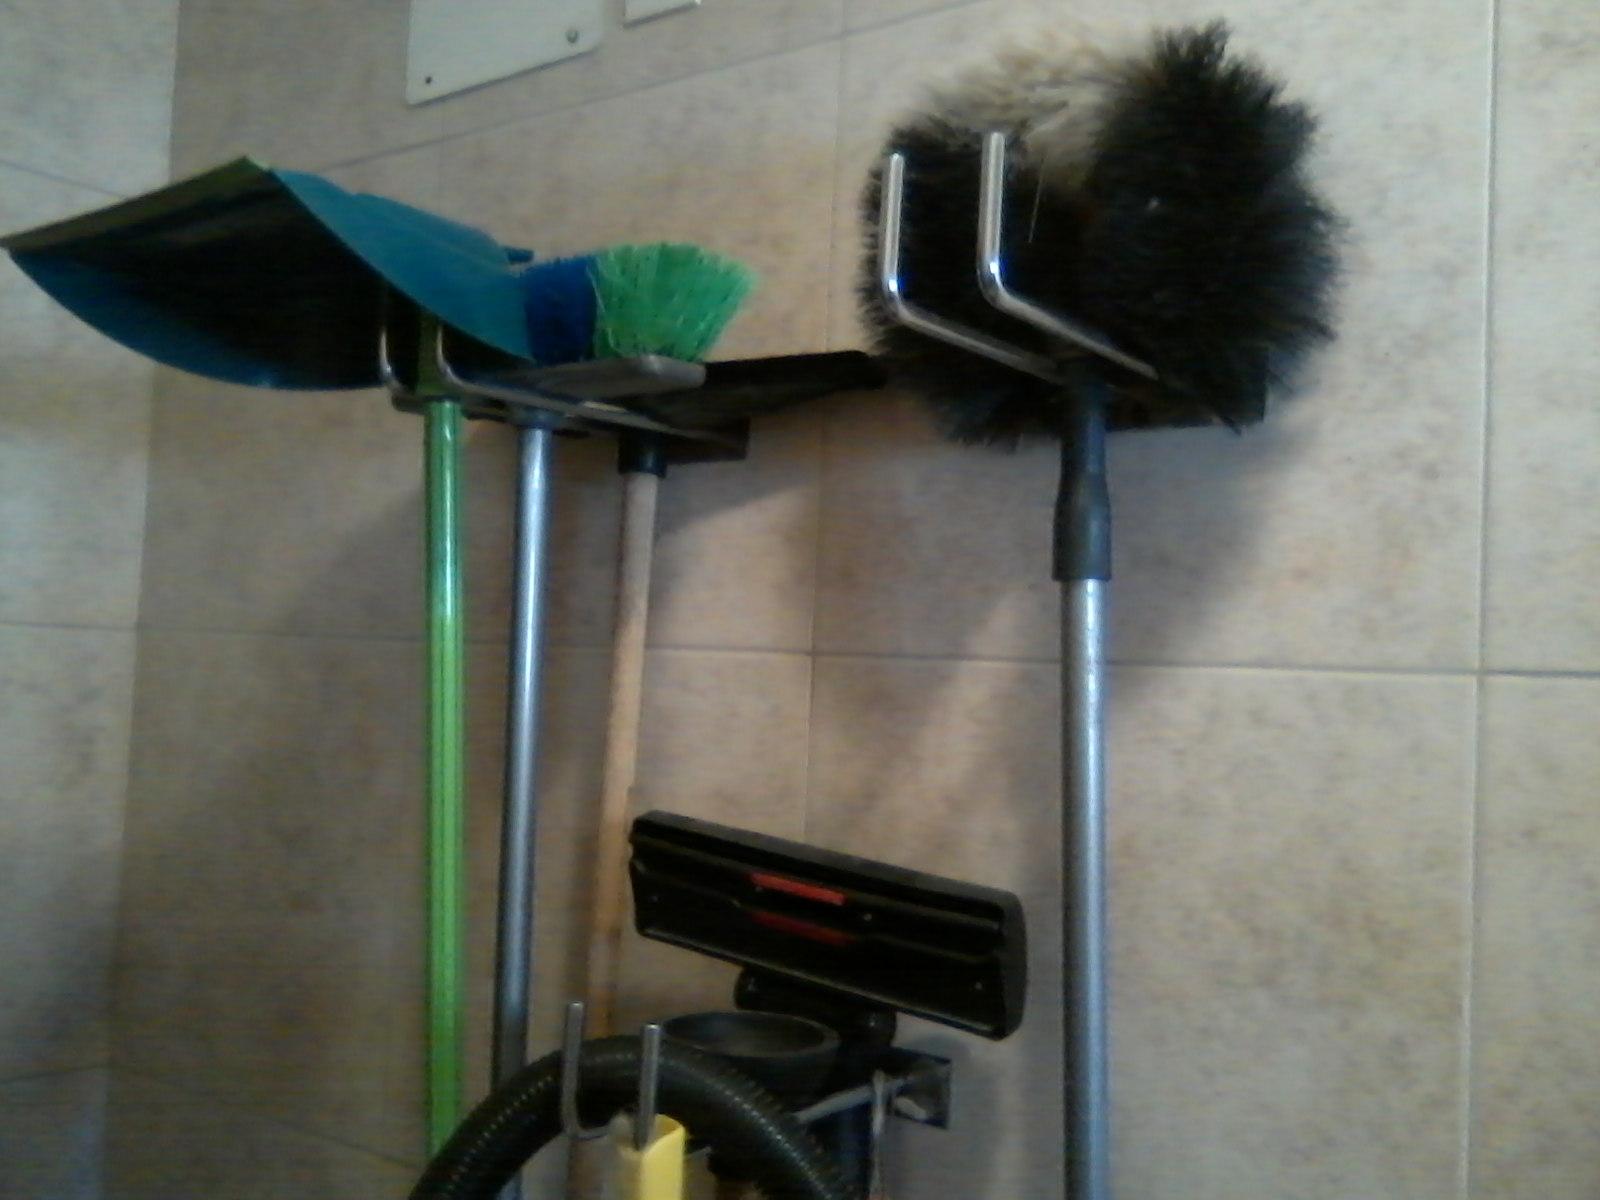 Utensilios Limpieza Baño:Estoy en casa: Un lugar para cada cosa, los utensillo de limpieza